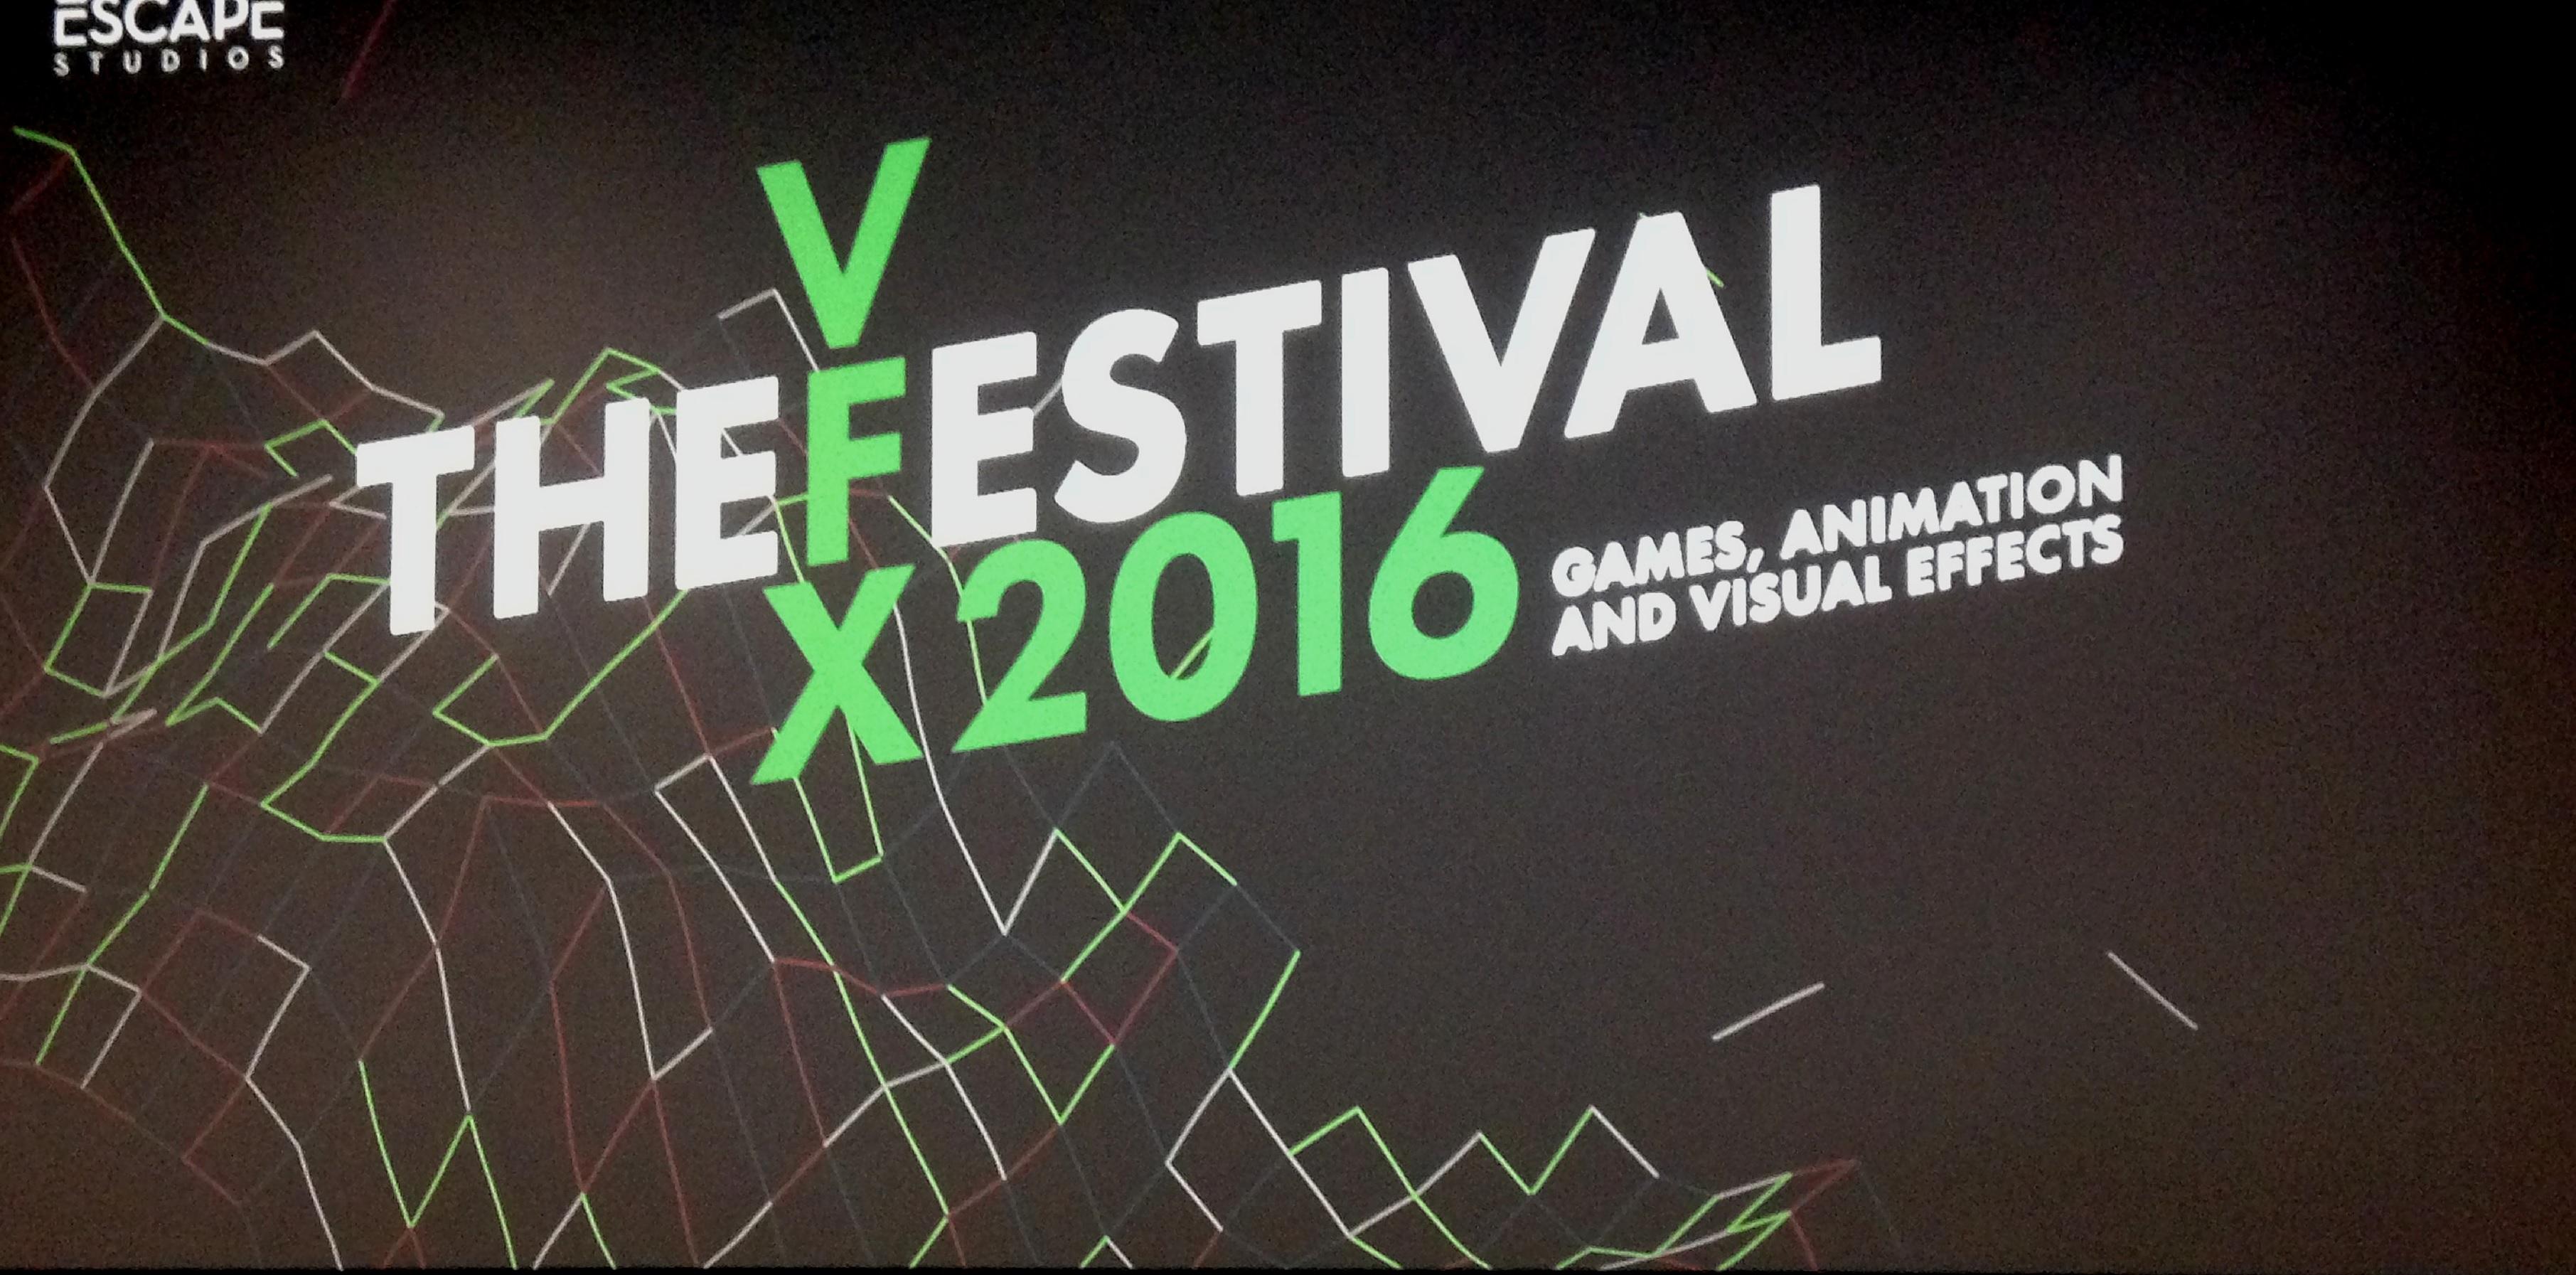 VFX Festival 2016